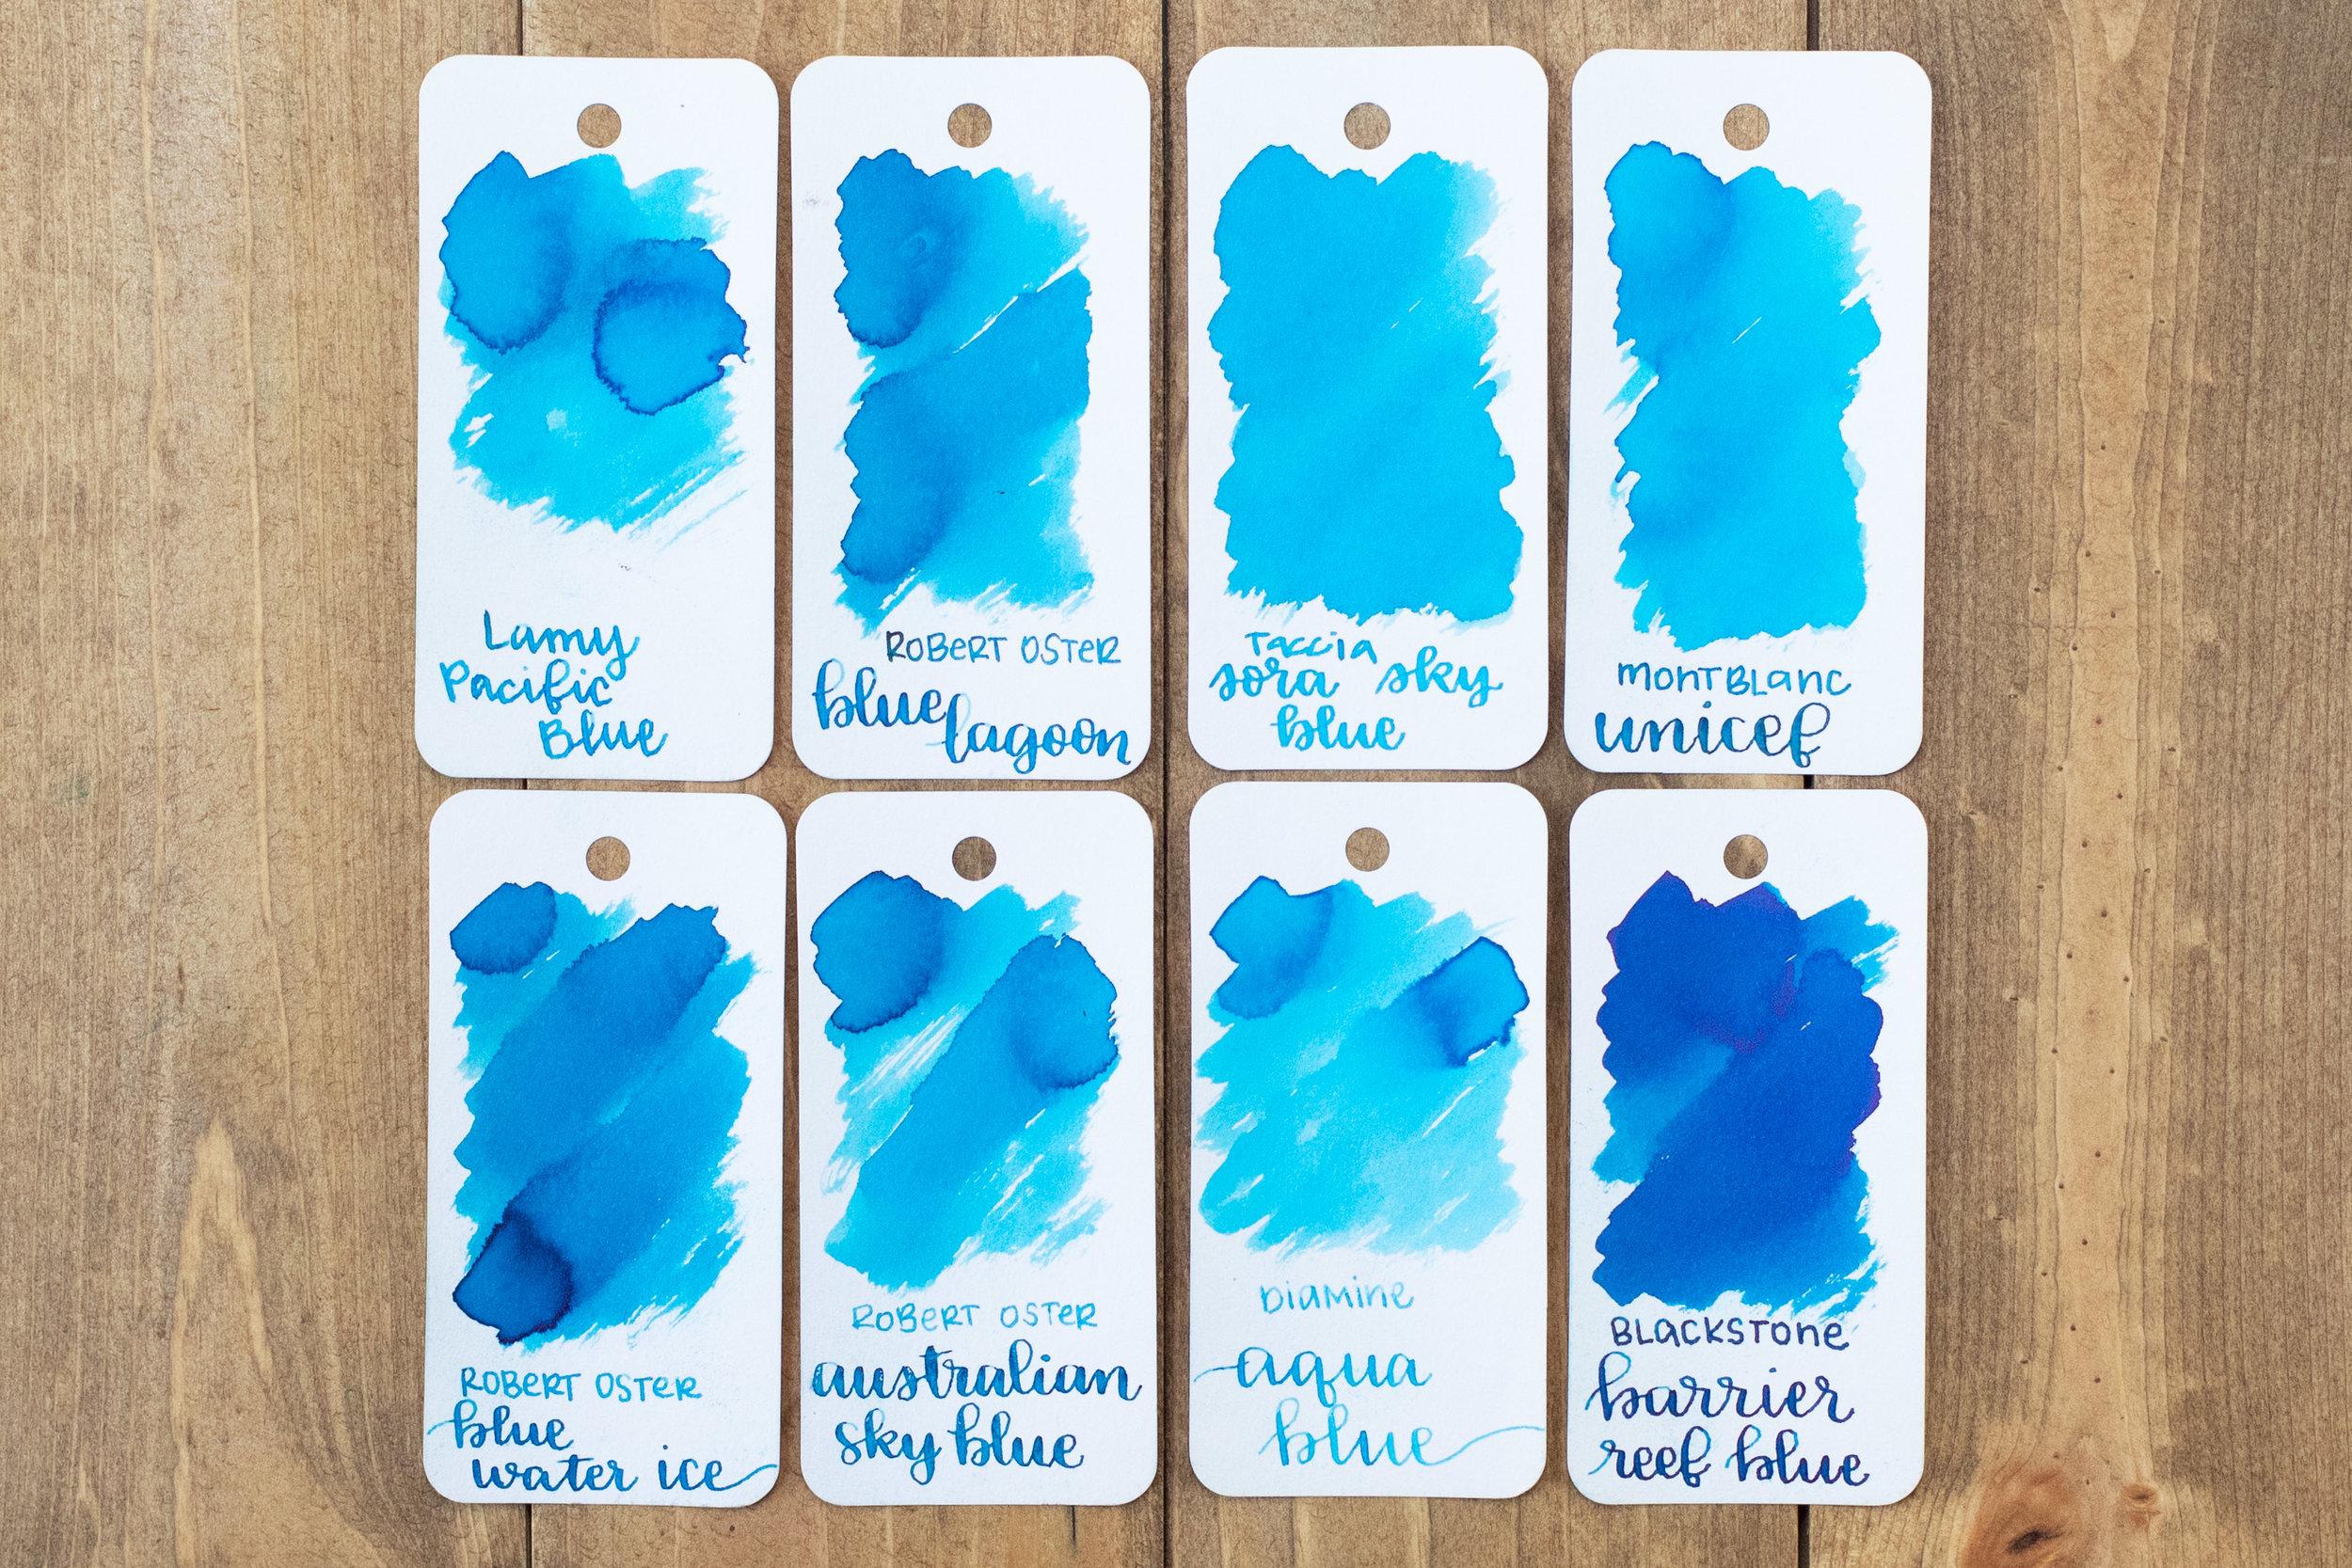 tac-sora-sky-blue-w-1.jpg